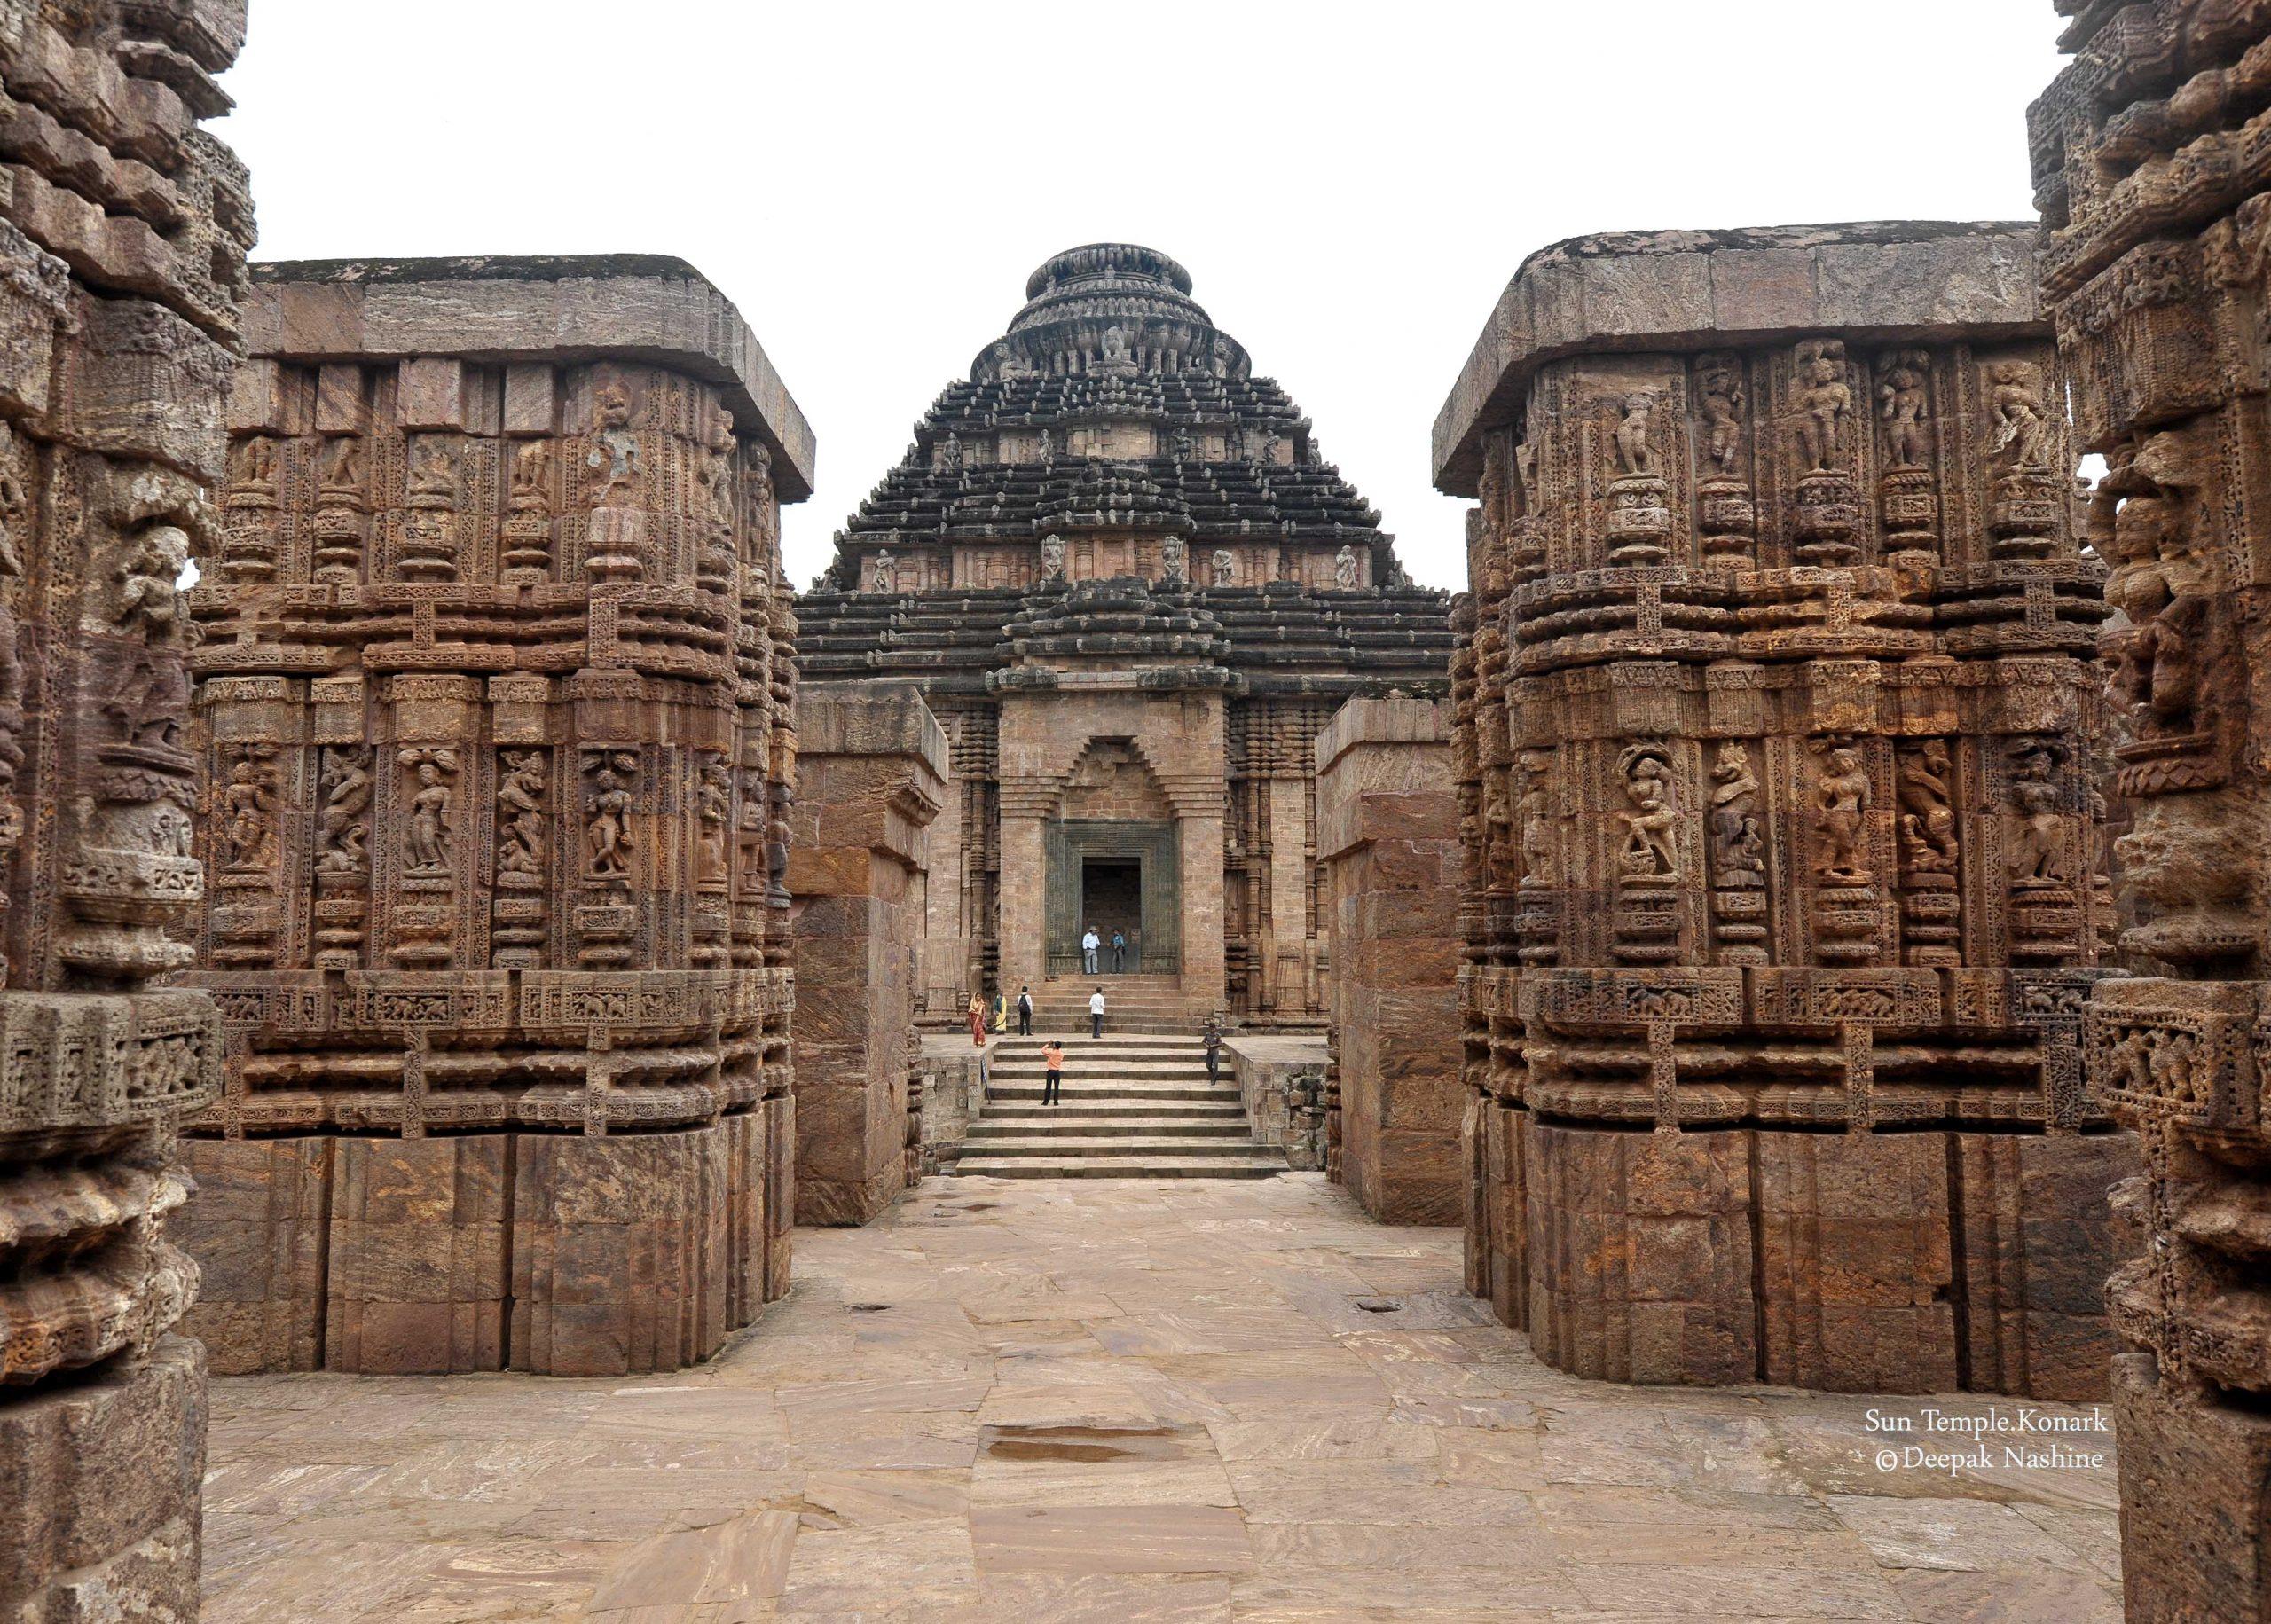 Konark Sun temple - Best Weekend Getaways Within 260 Kms of Bhubaneswar